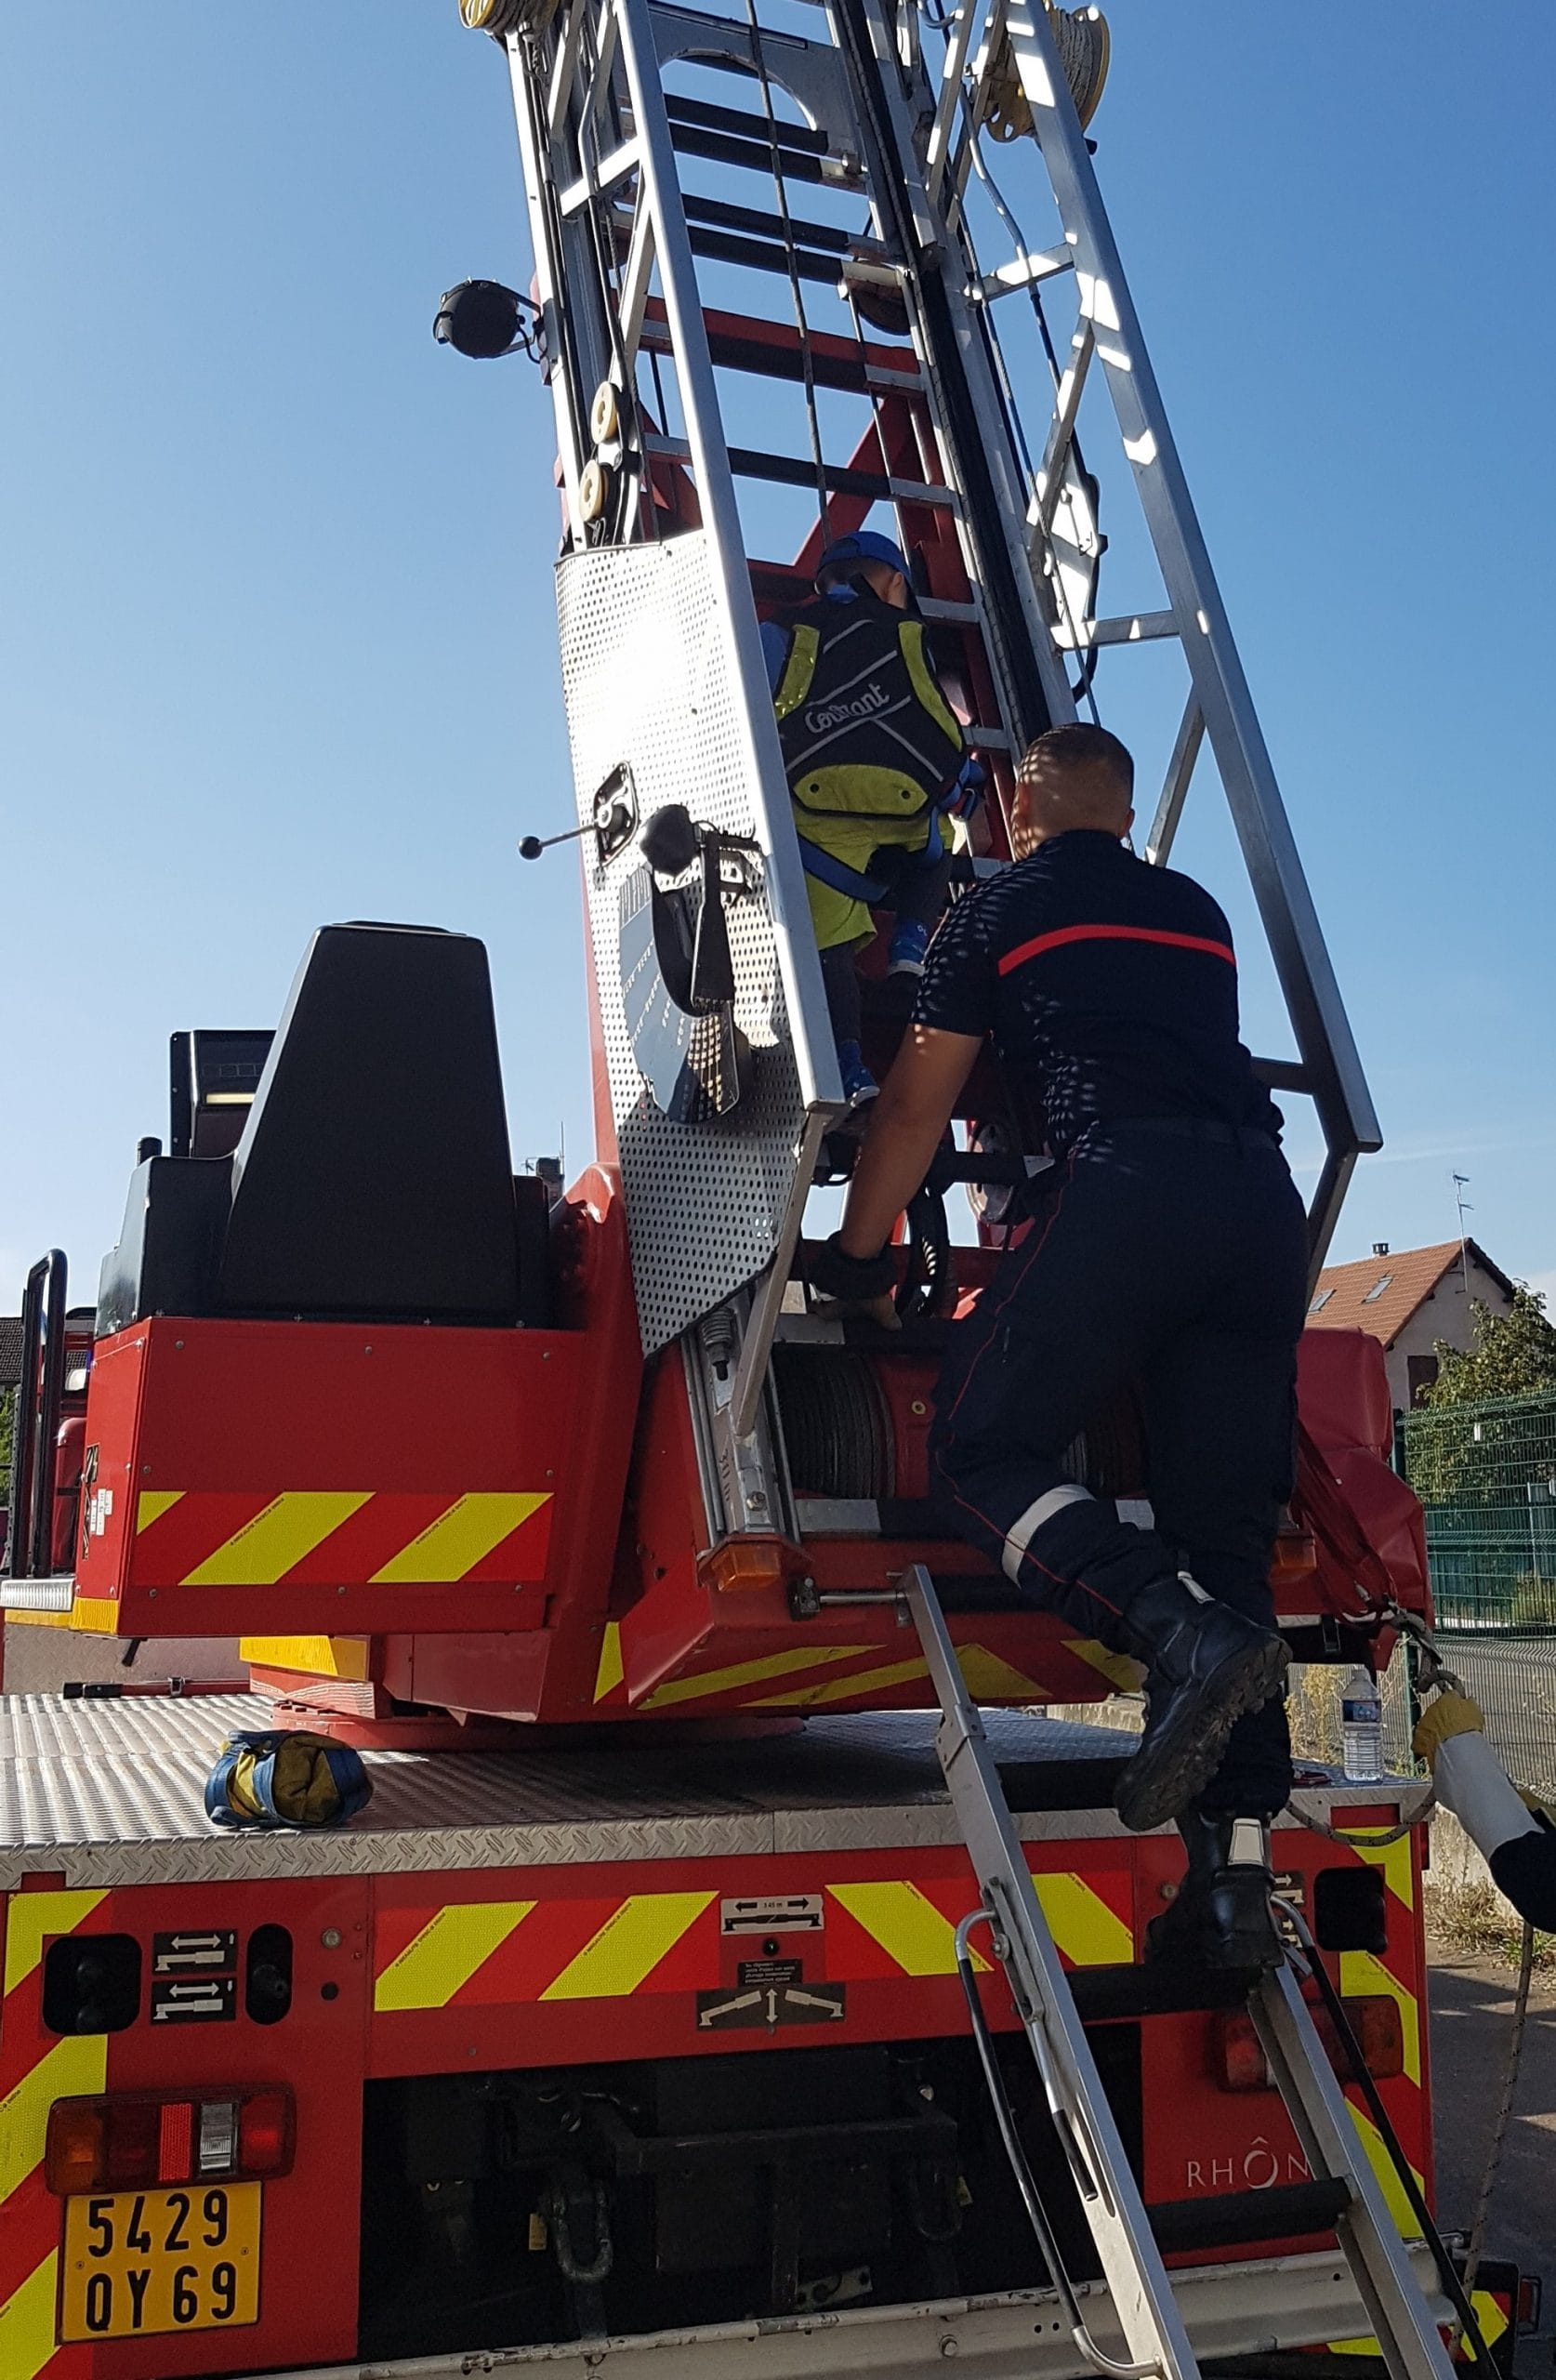 Pompier grimpant à la grande échelle